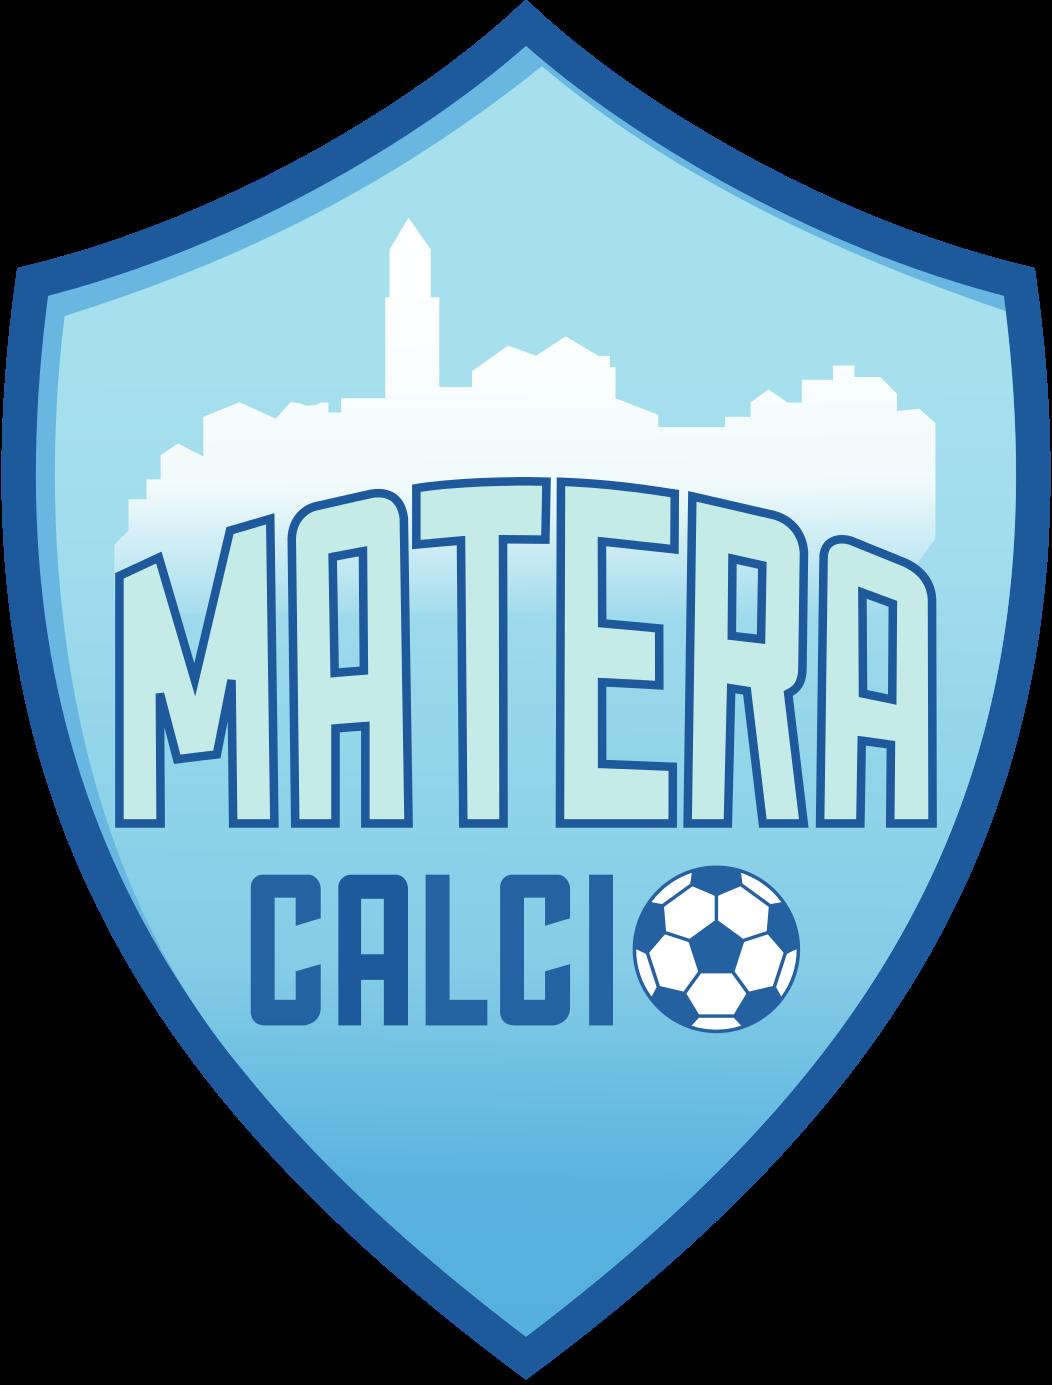 Società Sportiva Matera Calcio - Wikipedia